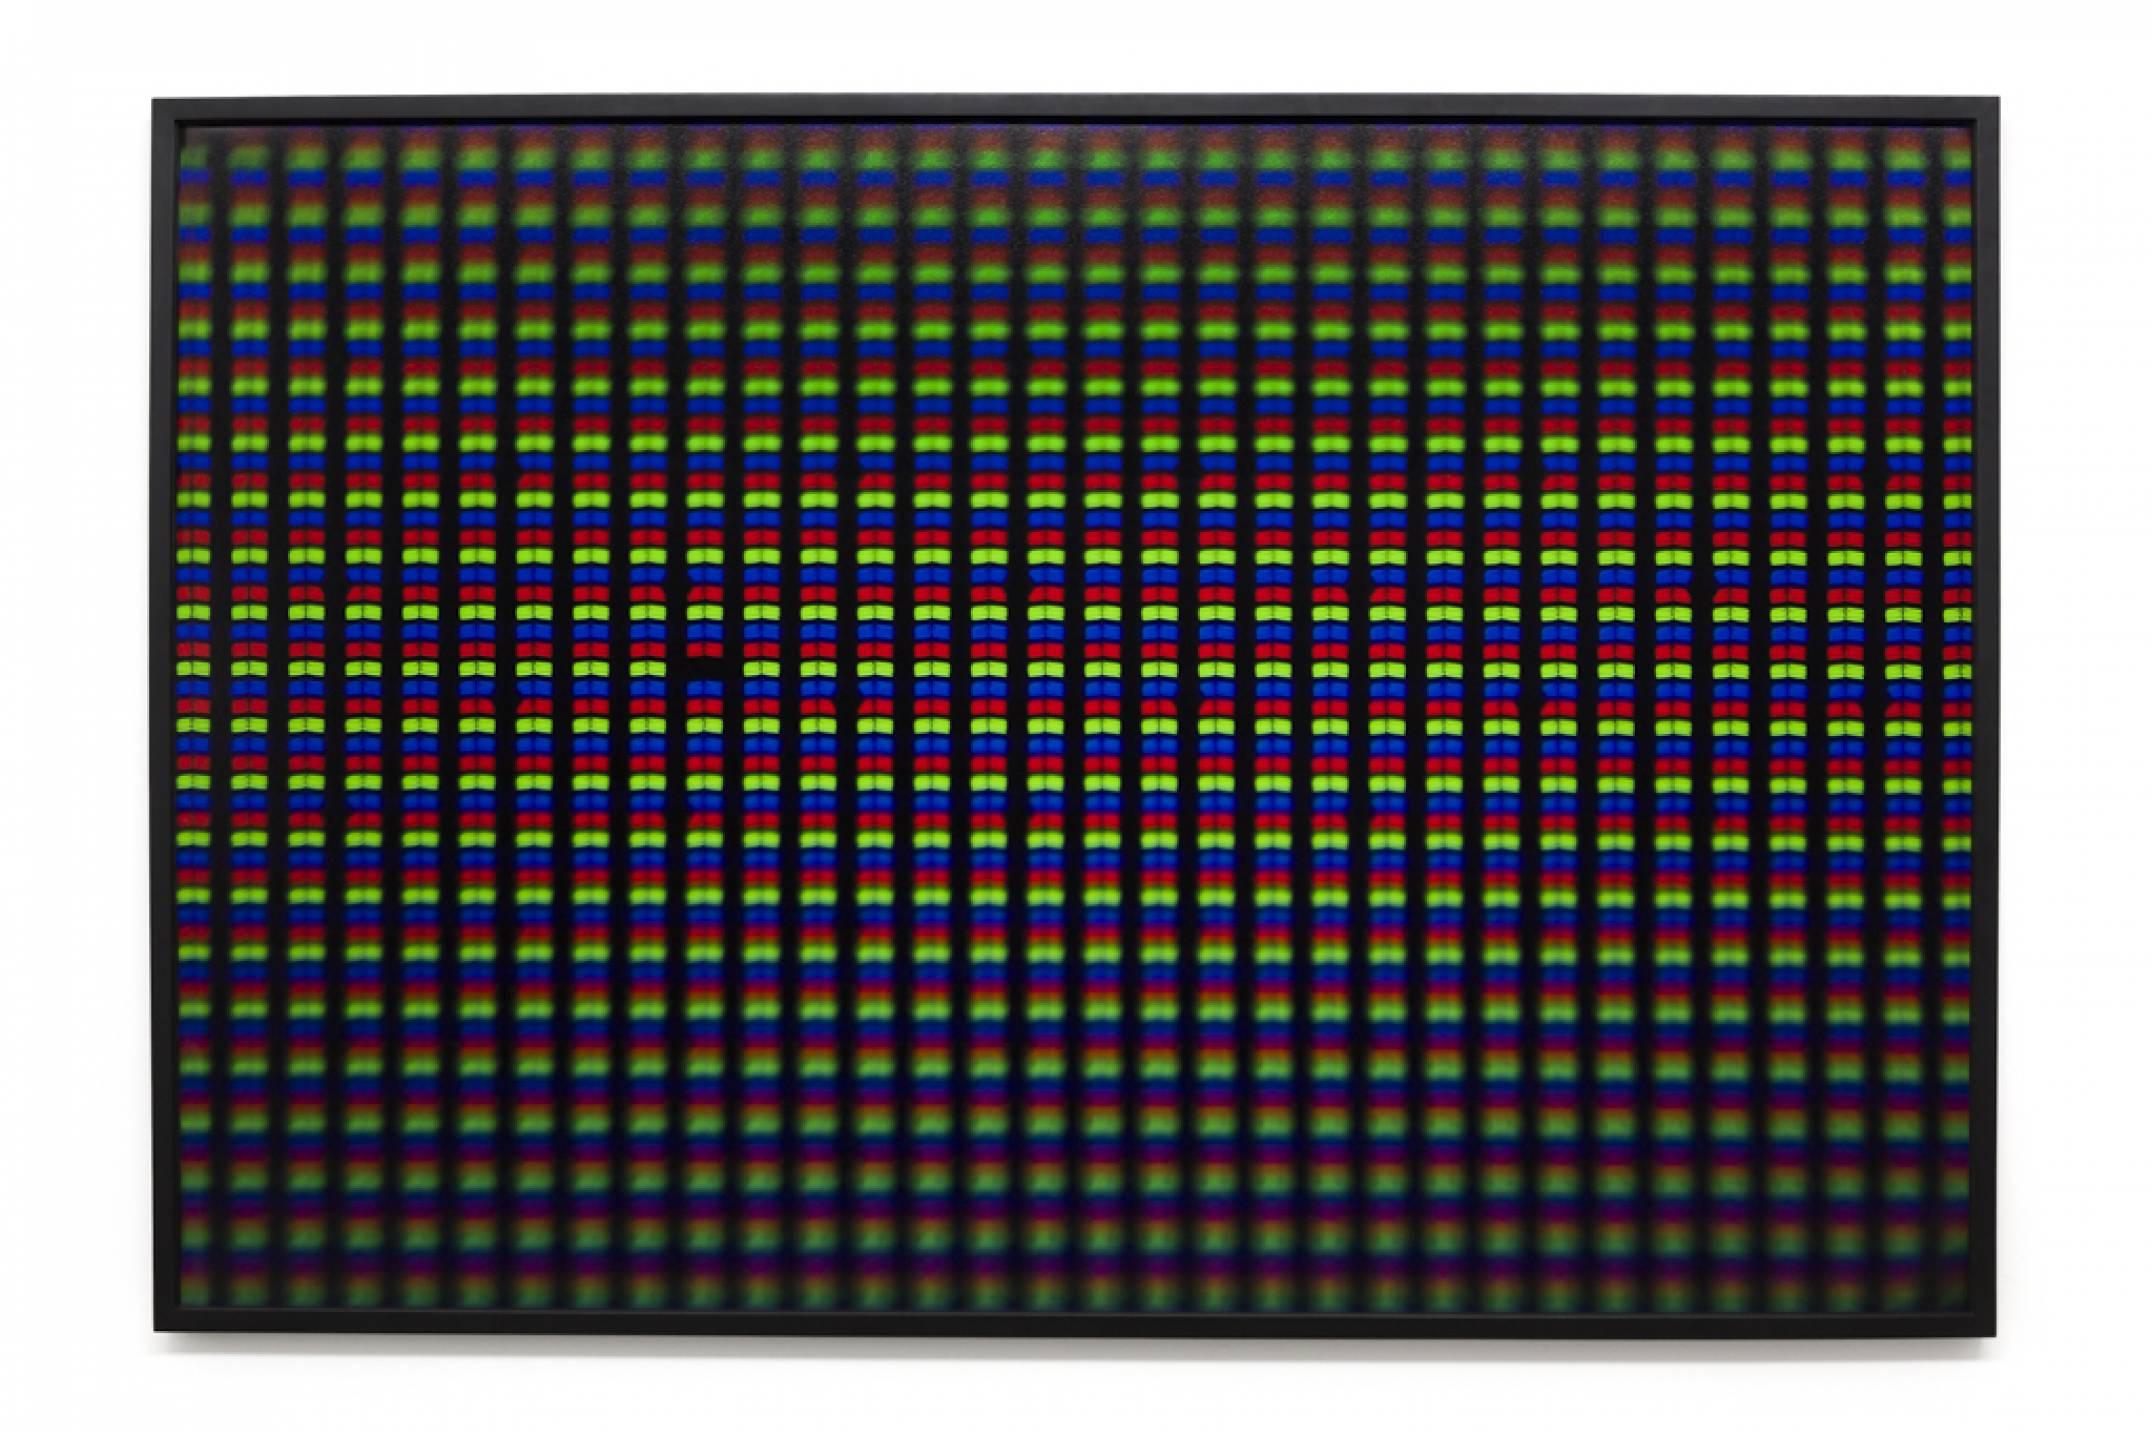 Roberto WInter,<em>Dead pixel (Ipad)</em>, 2017, printing inkjet on paper Hahnemühle FineArt Baryta, 110 × 165 cm - Mendes Wood DM